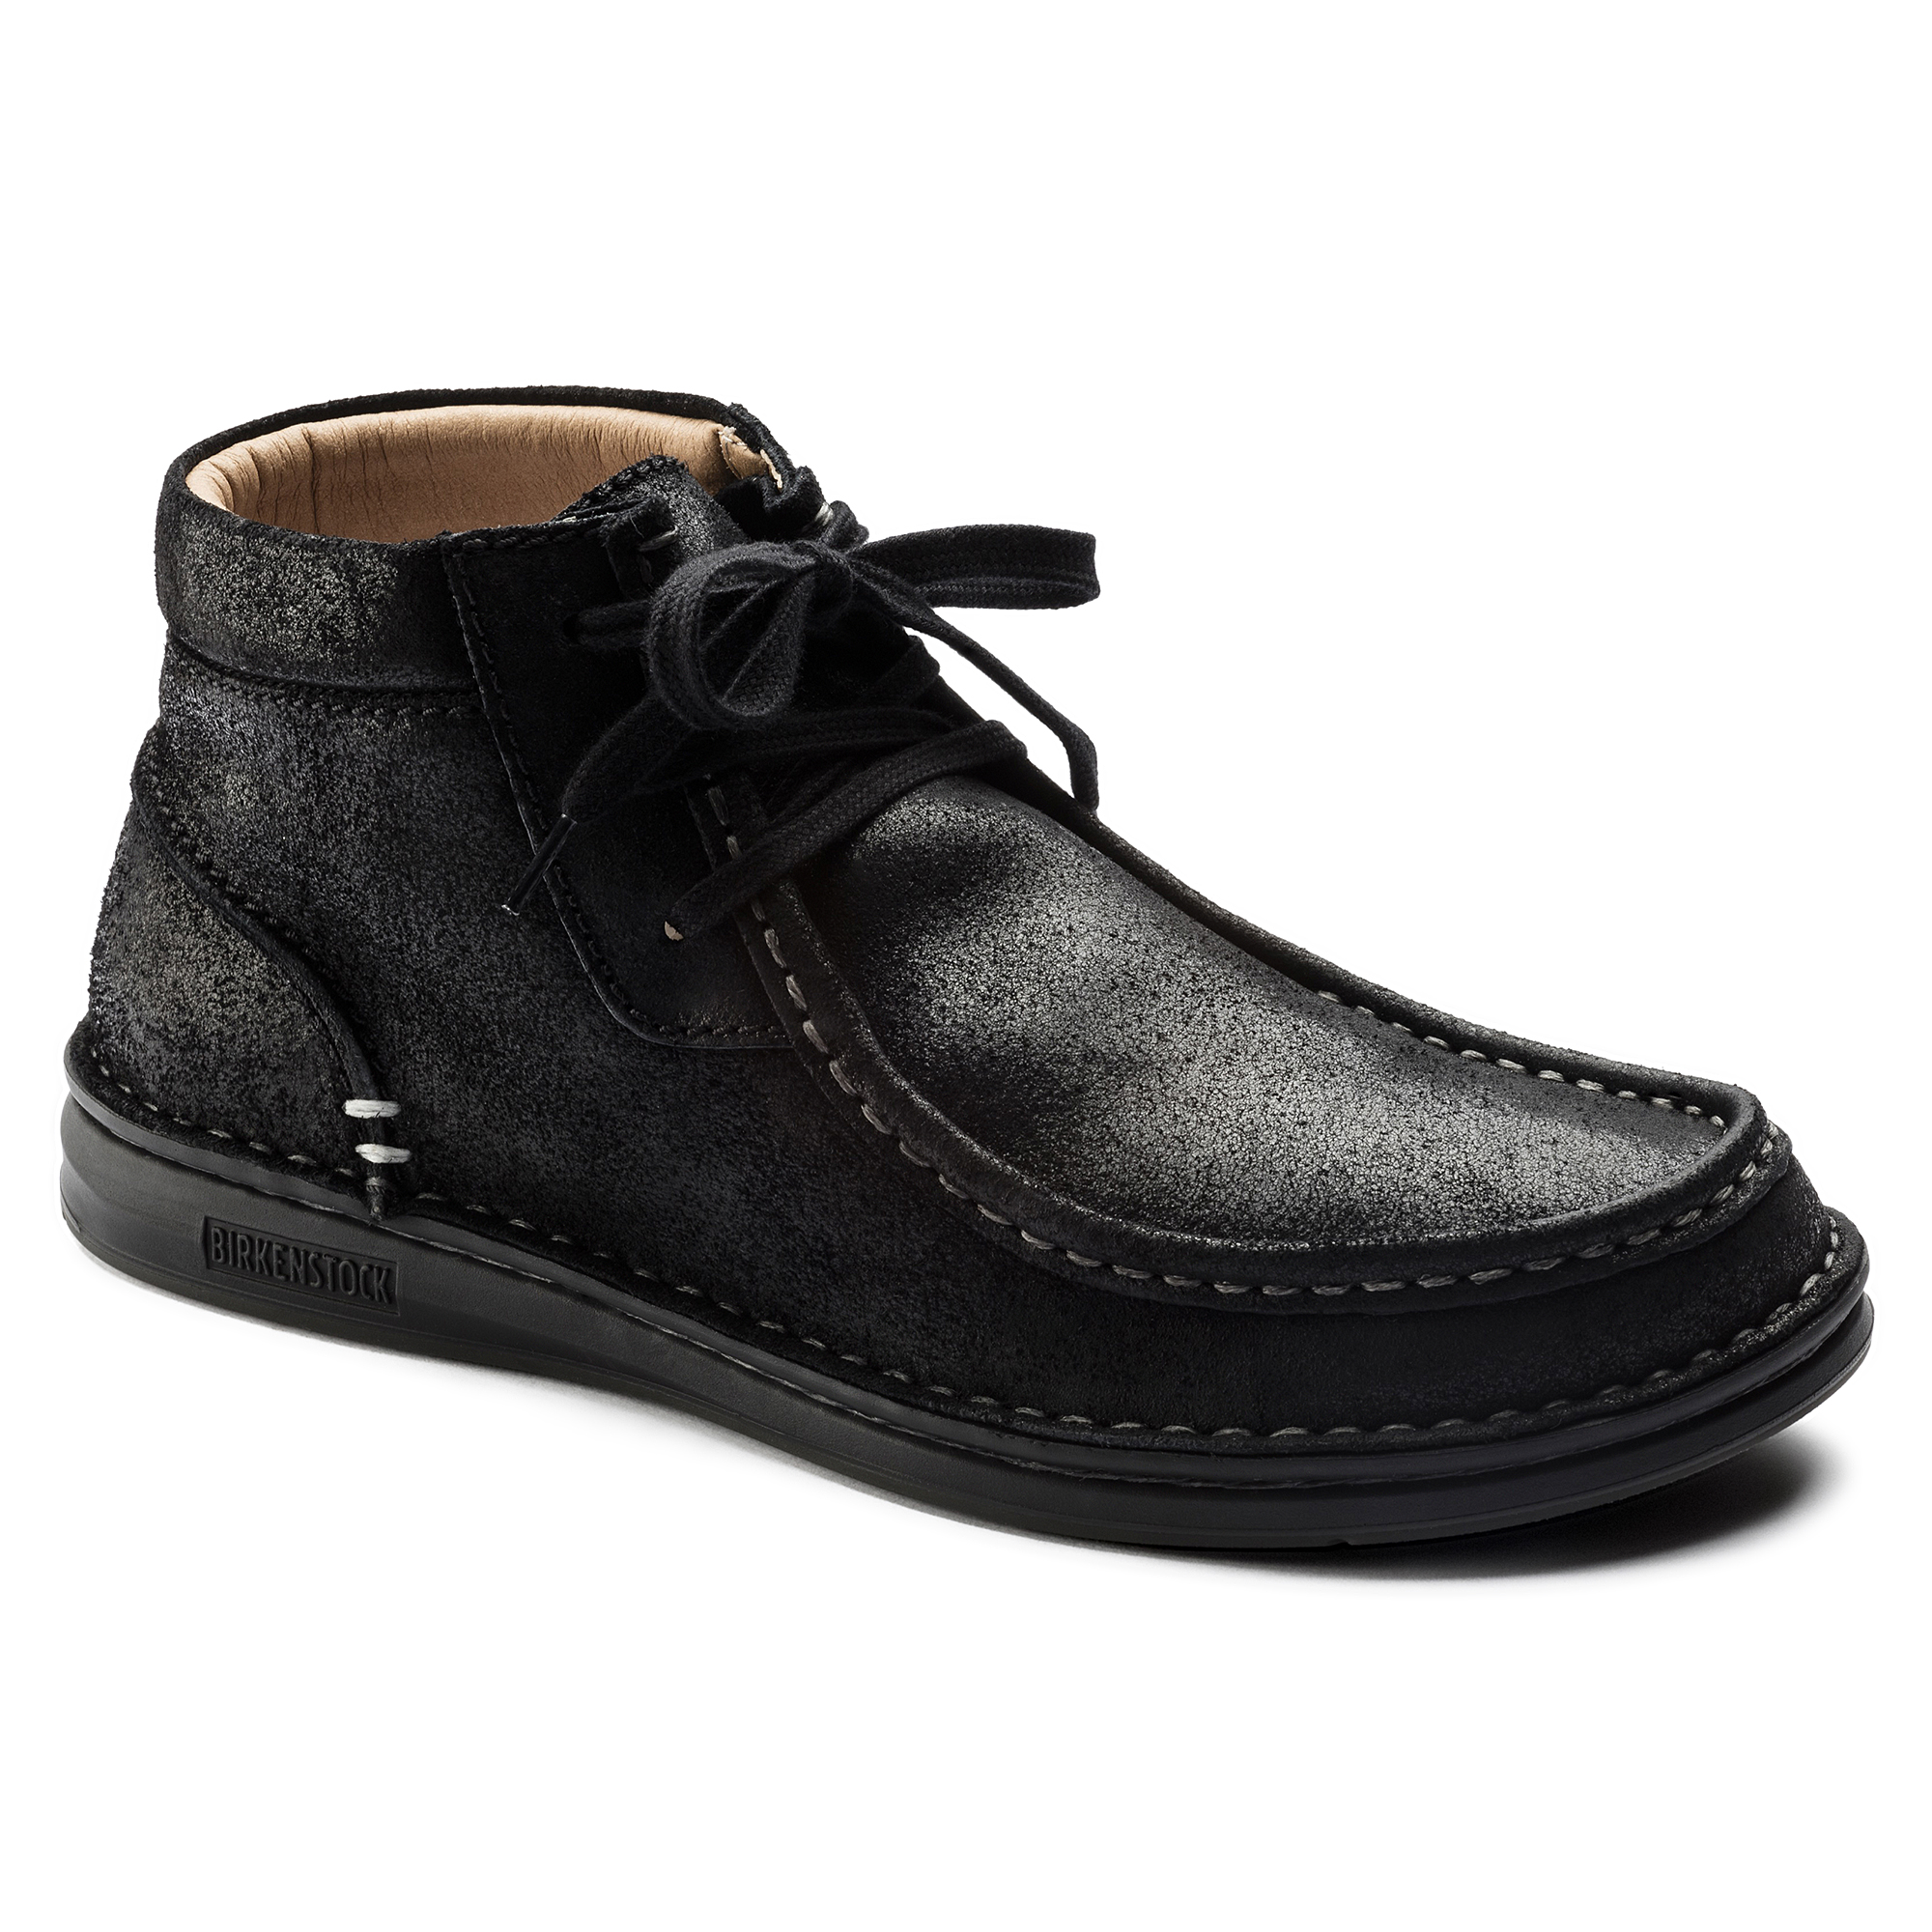 Pasadena Suede Leather Schwarz